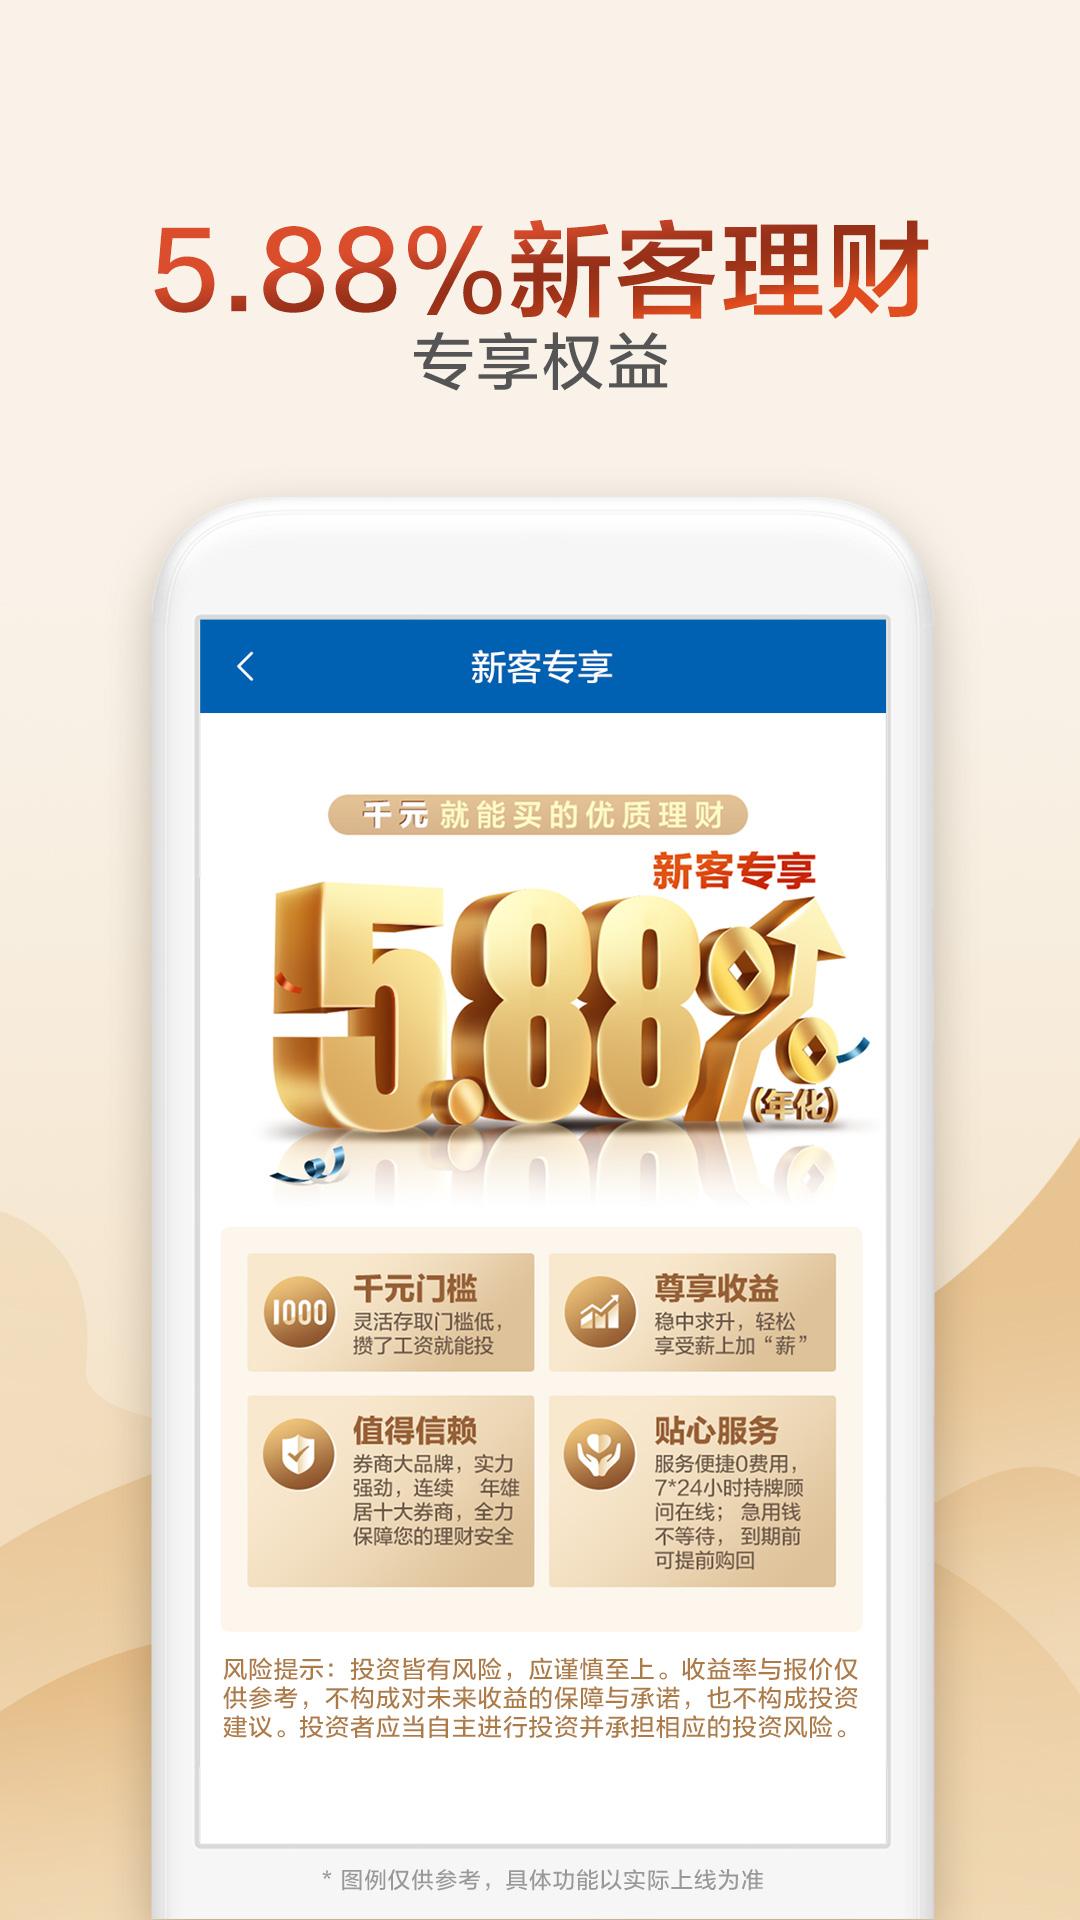 广发证券开户app功能